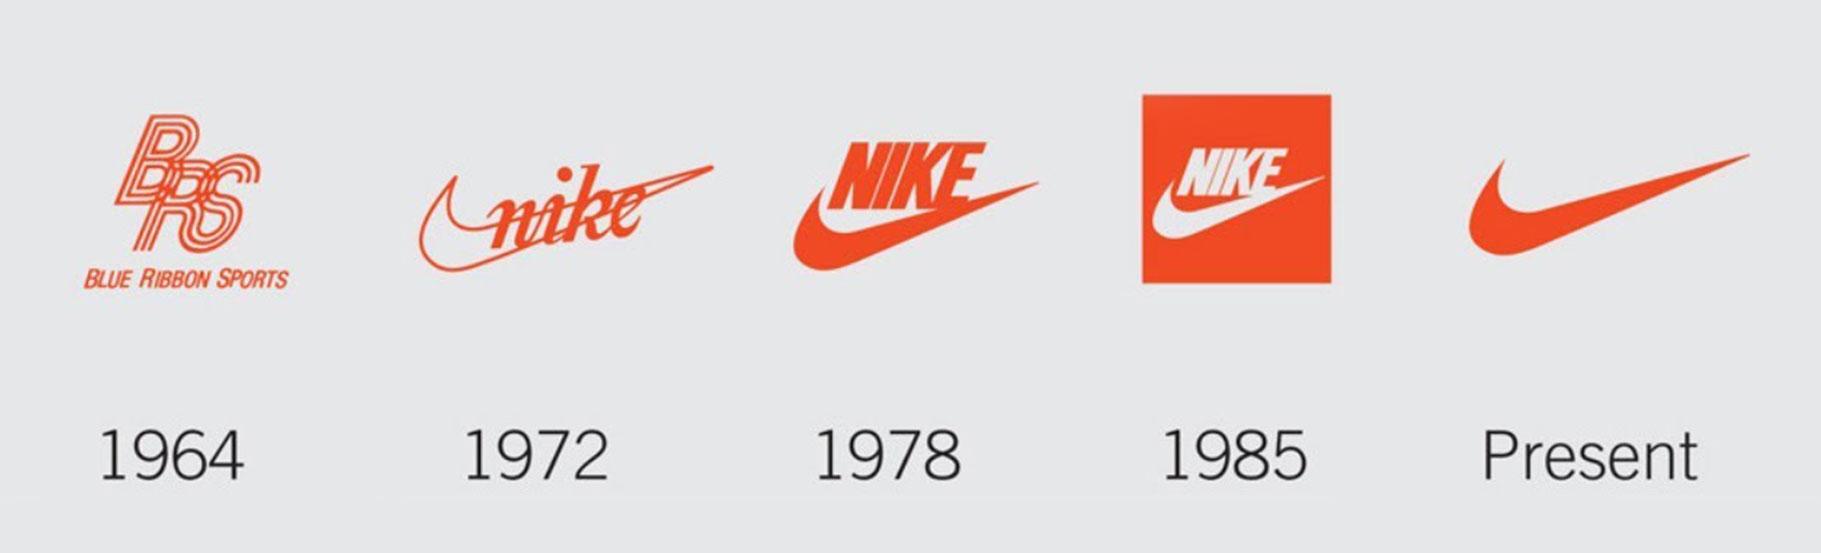 evolucija najk logotipa i zašto se dizajn razlikuje. Koja su pravila u dizajnu najk logotipa